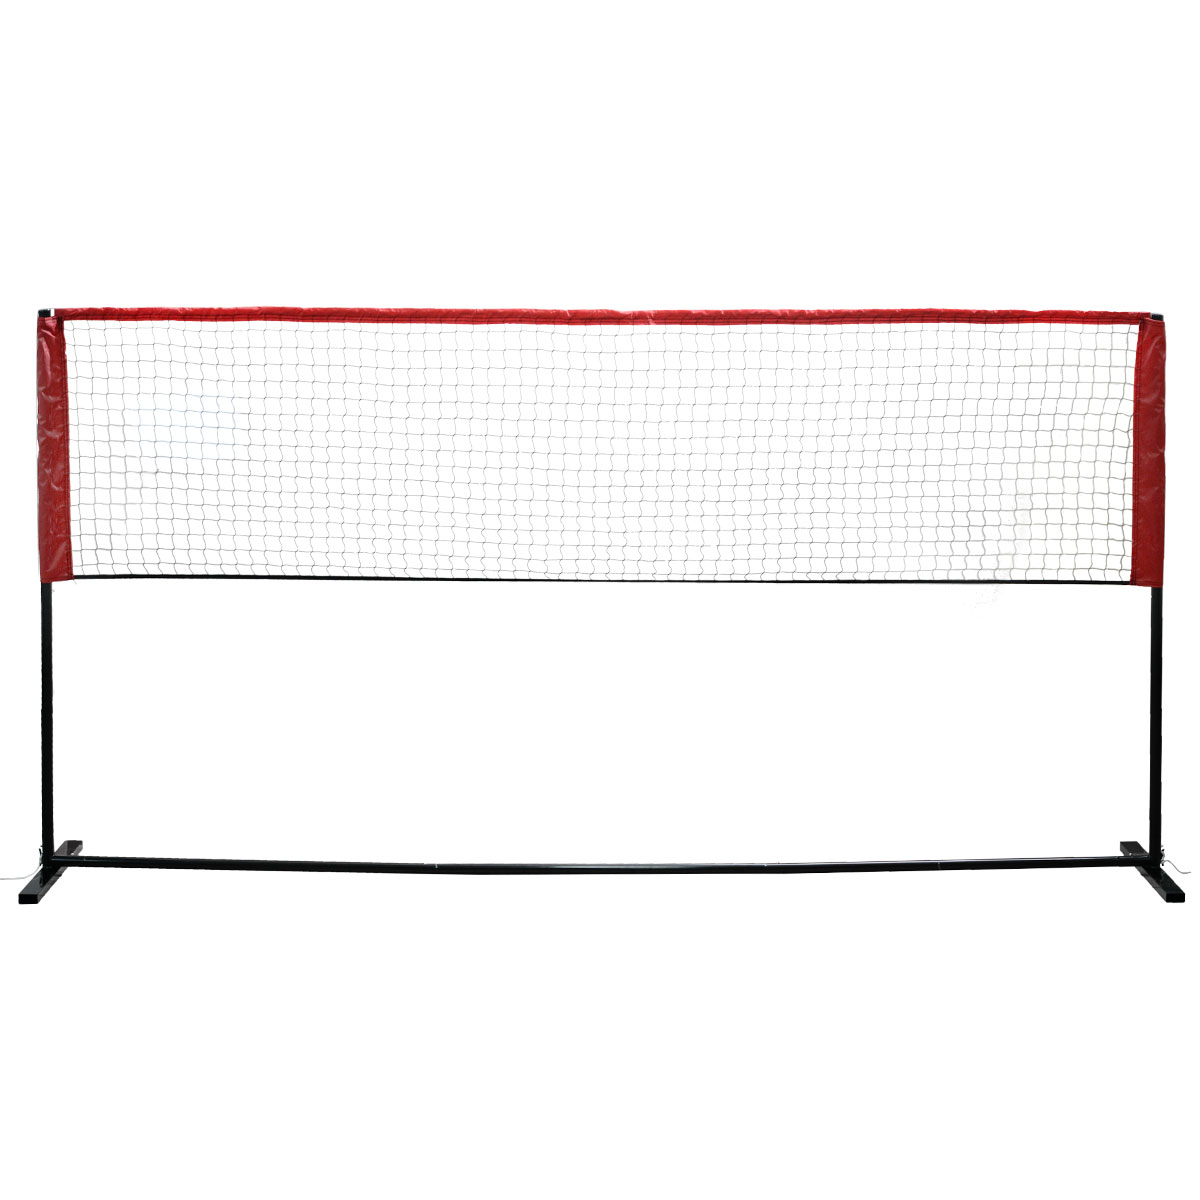 Мини-набор для бадминтона Fan Chiou, цвет: черный, 3 м х 1,55 м159597Любительский набор для игры в бадминтон или теннис. Стойки легко собираются и регулируются в зависимости от того играете вы в бадминтон или теннис. Размер сетки 3 м х 0,8 м. Набор упакован в компактный чехол.